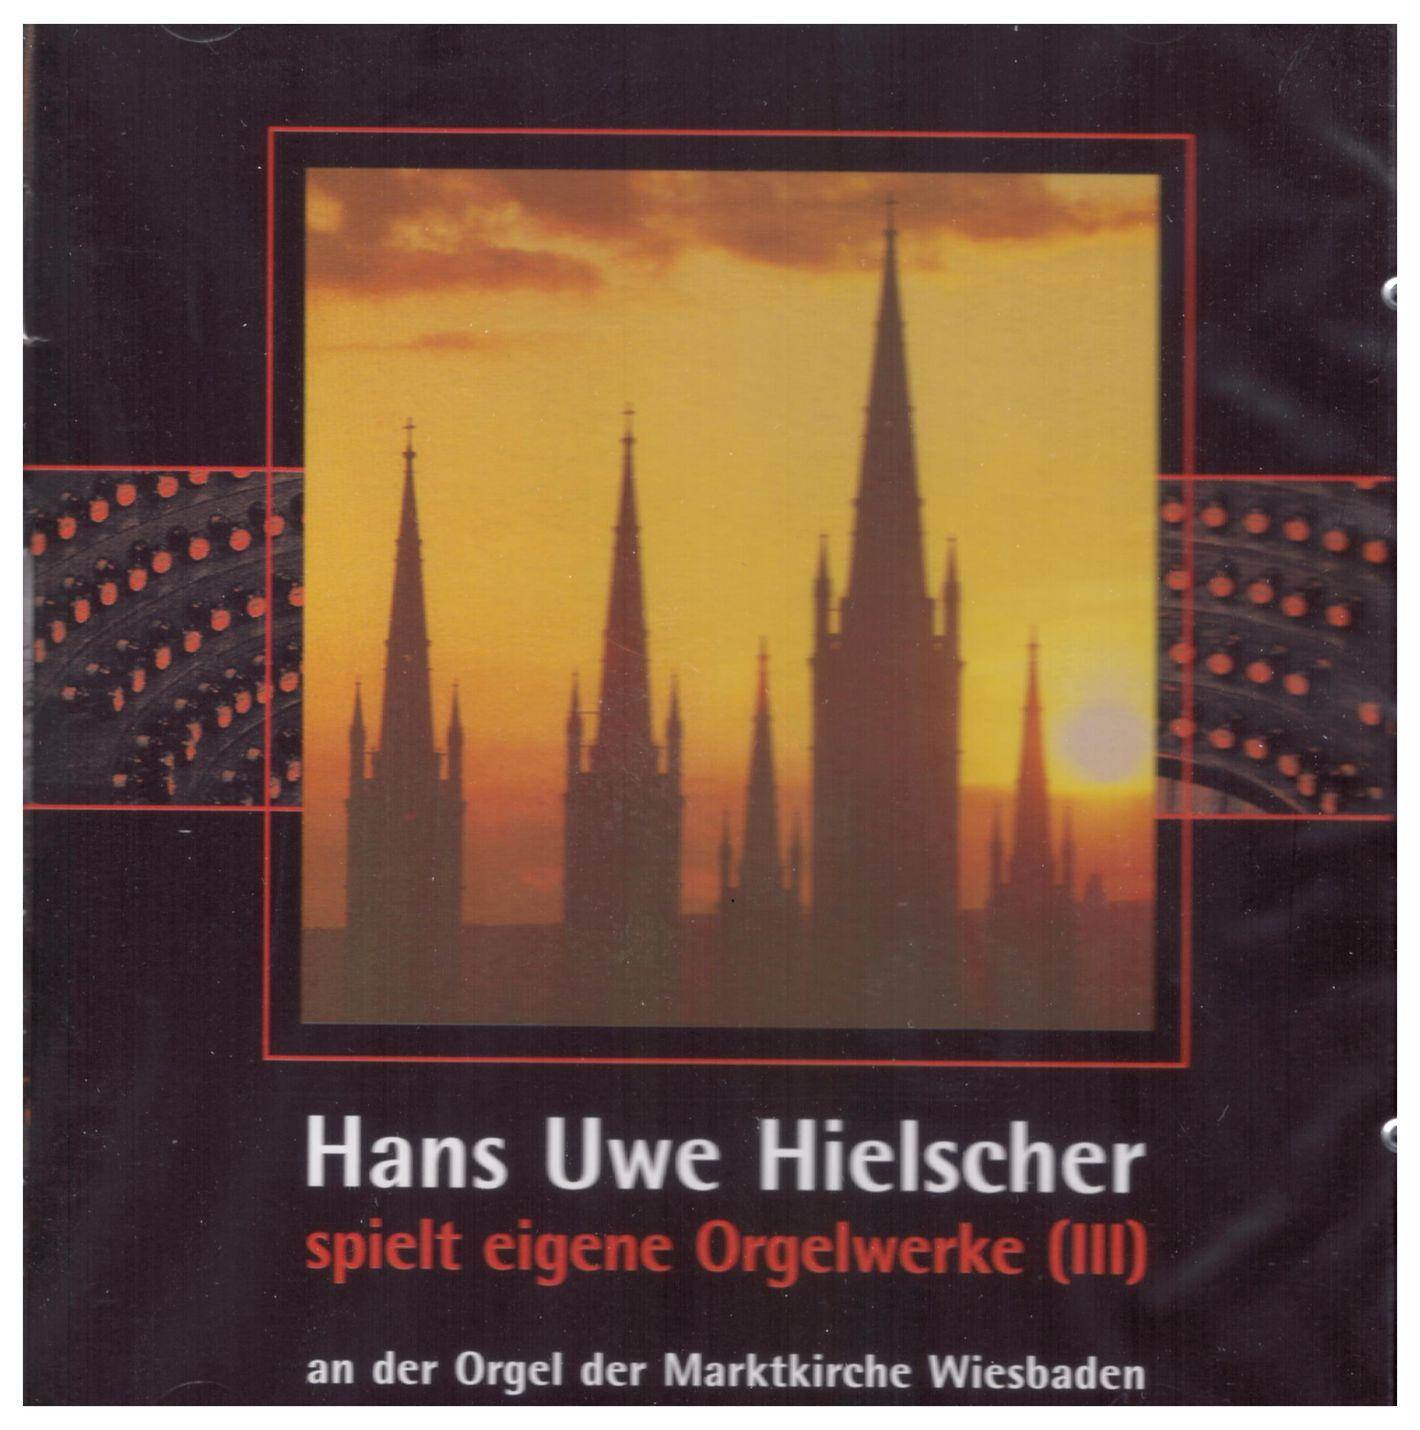 Hans Uwe Hielscher spielt eigene Orgelwerke (III)